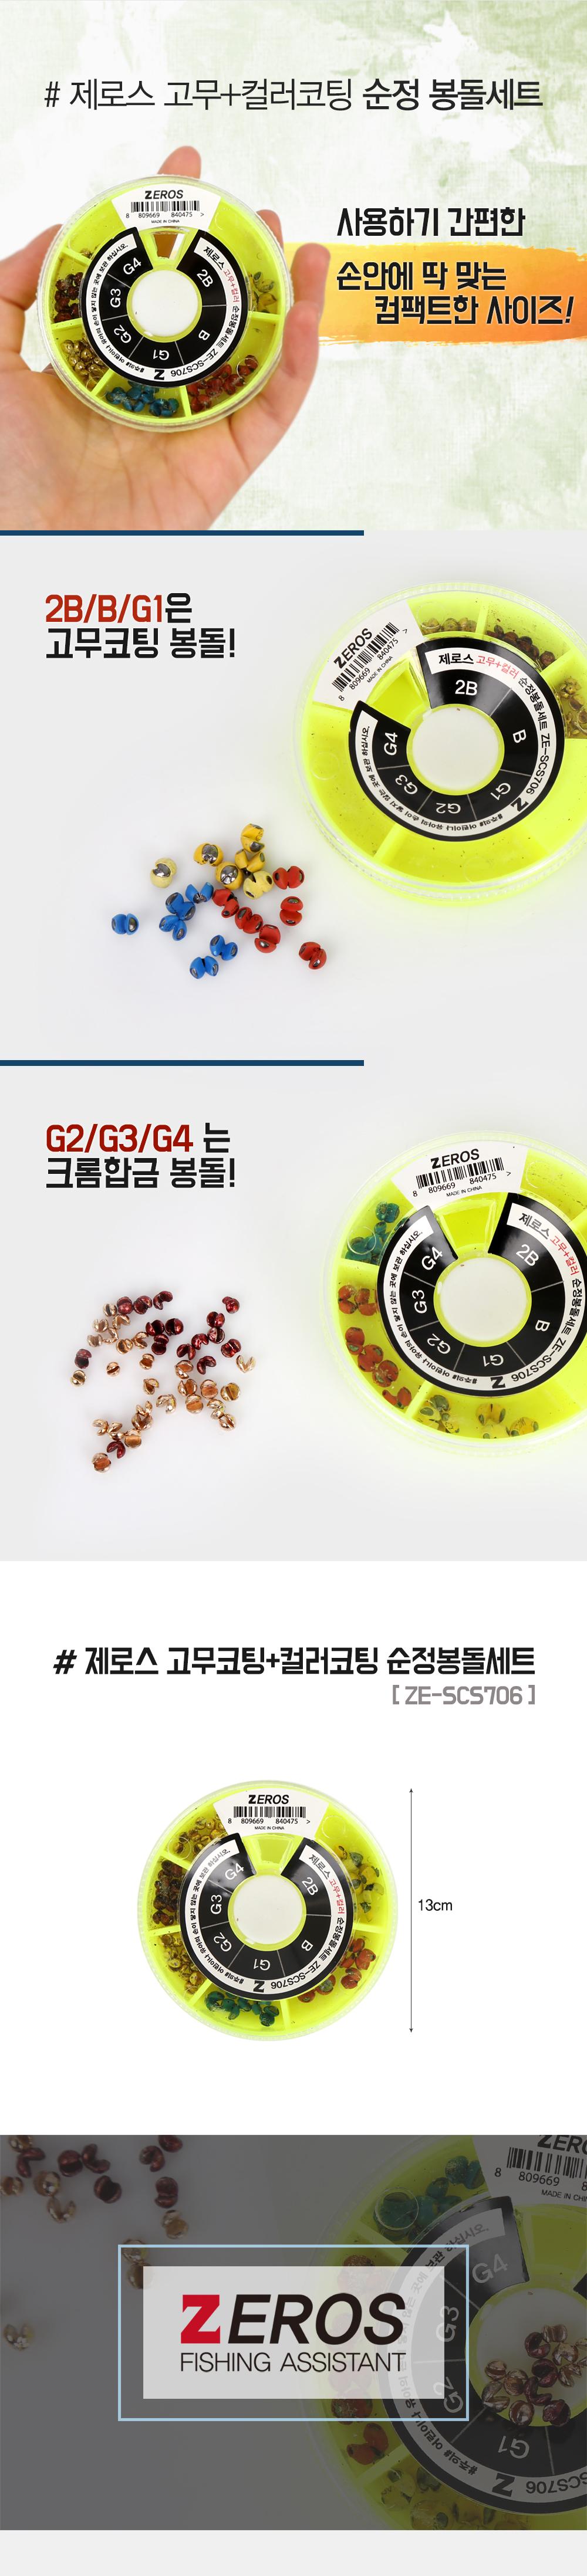 제로스 고무컬러 순정봉돌세트 ZE-SCS706 고무코팅 칼라코팅 좁쌀봉돌 봉돌세트 봉돌 컬러봉돌